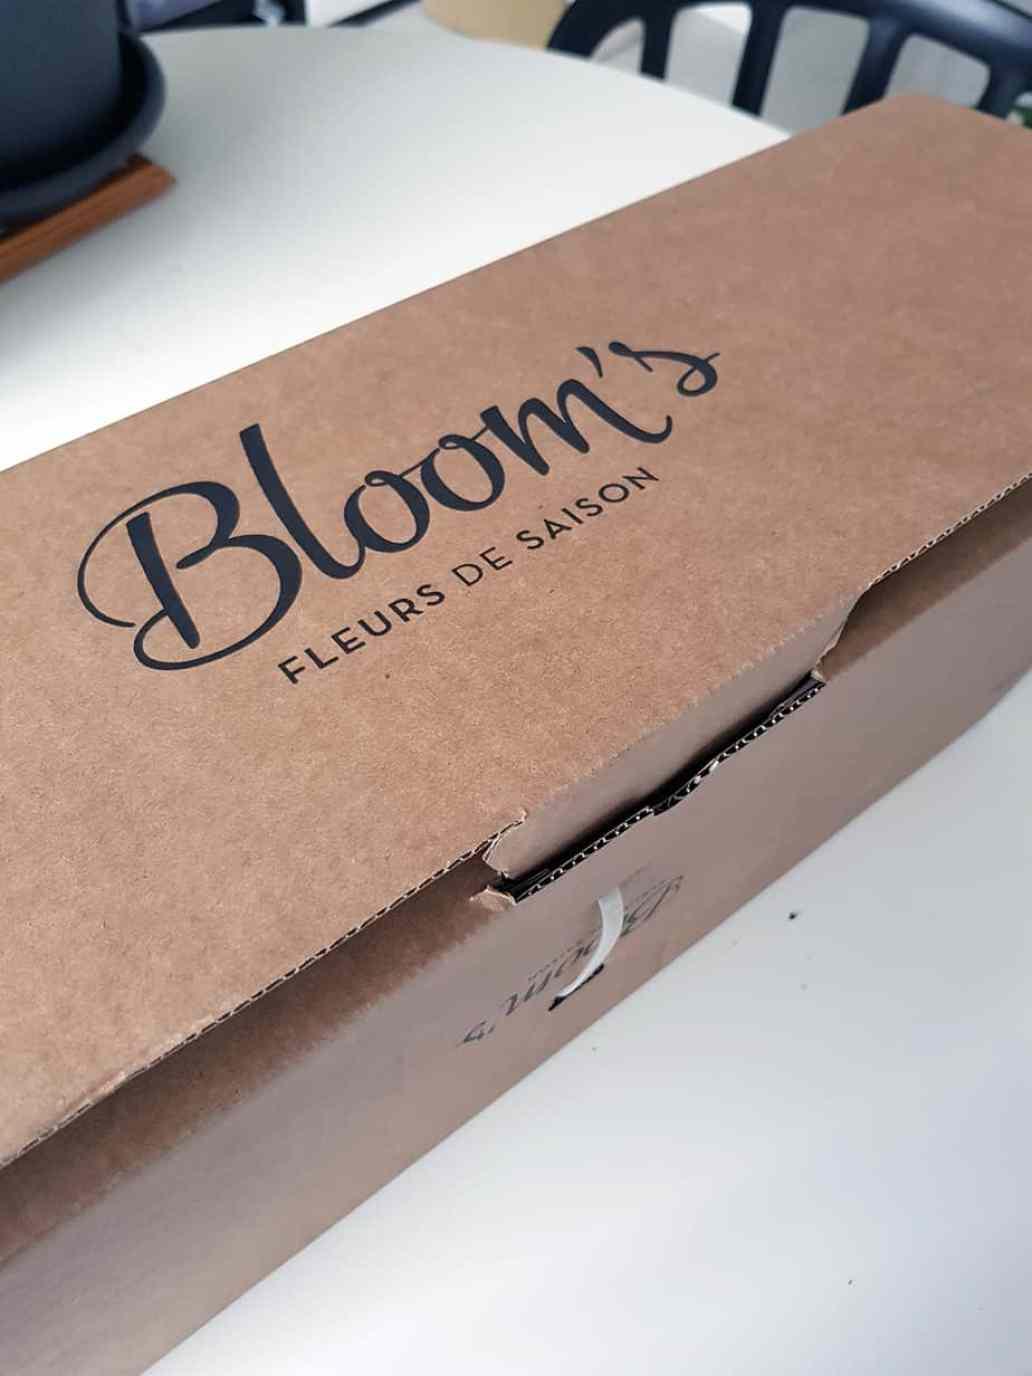 box de fleurs bloom s - Bloom's, une box de fleurs remplie de charme